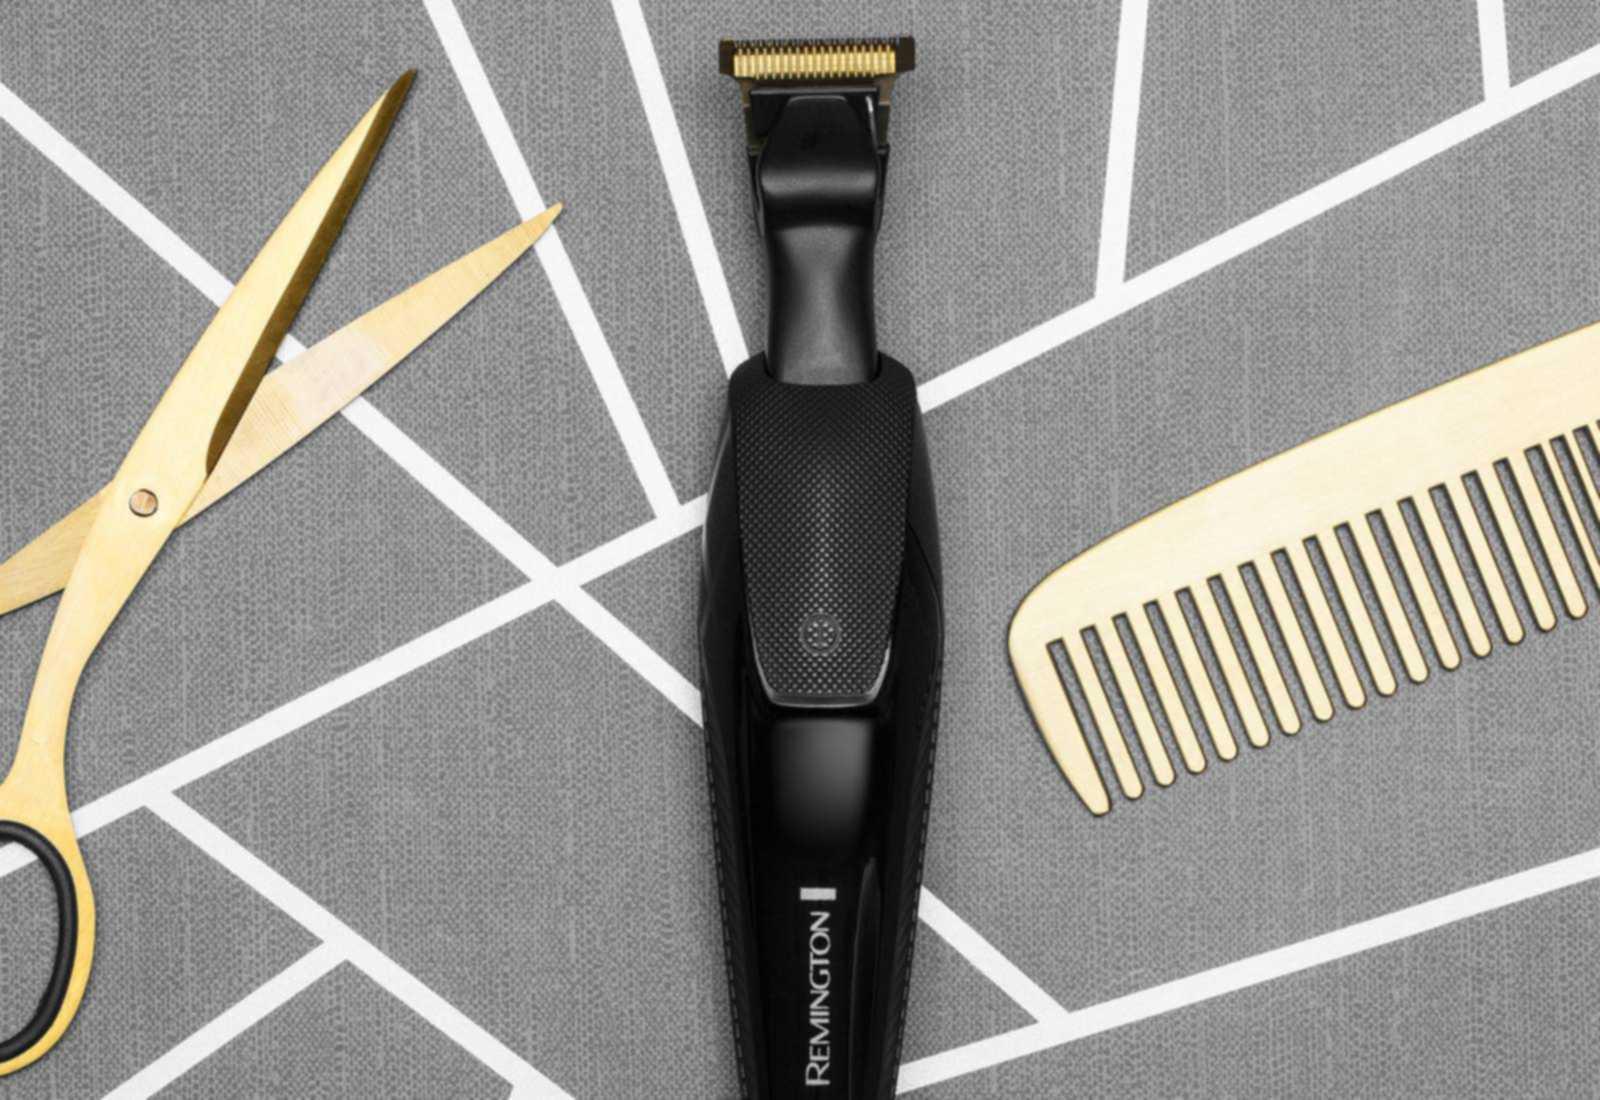 Immagine Il regolabarba che sostituisce il barbiere 1